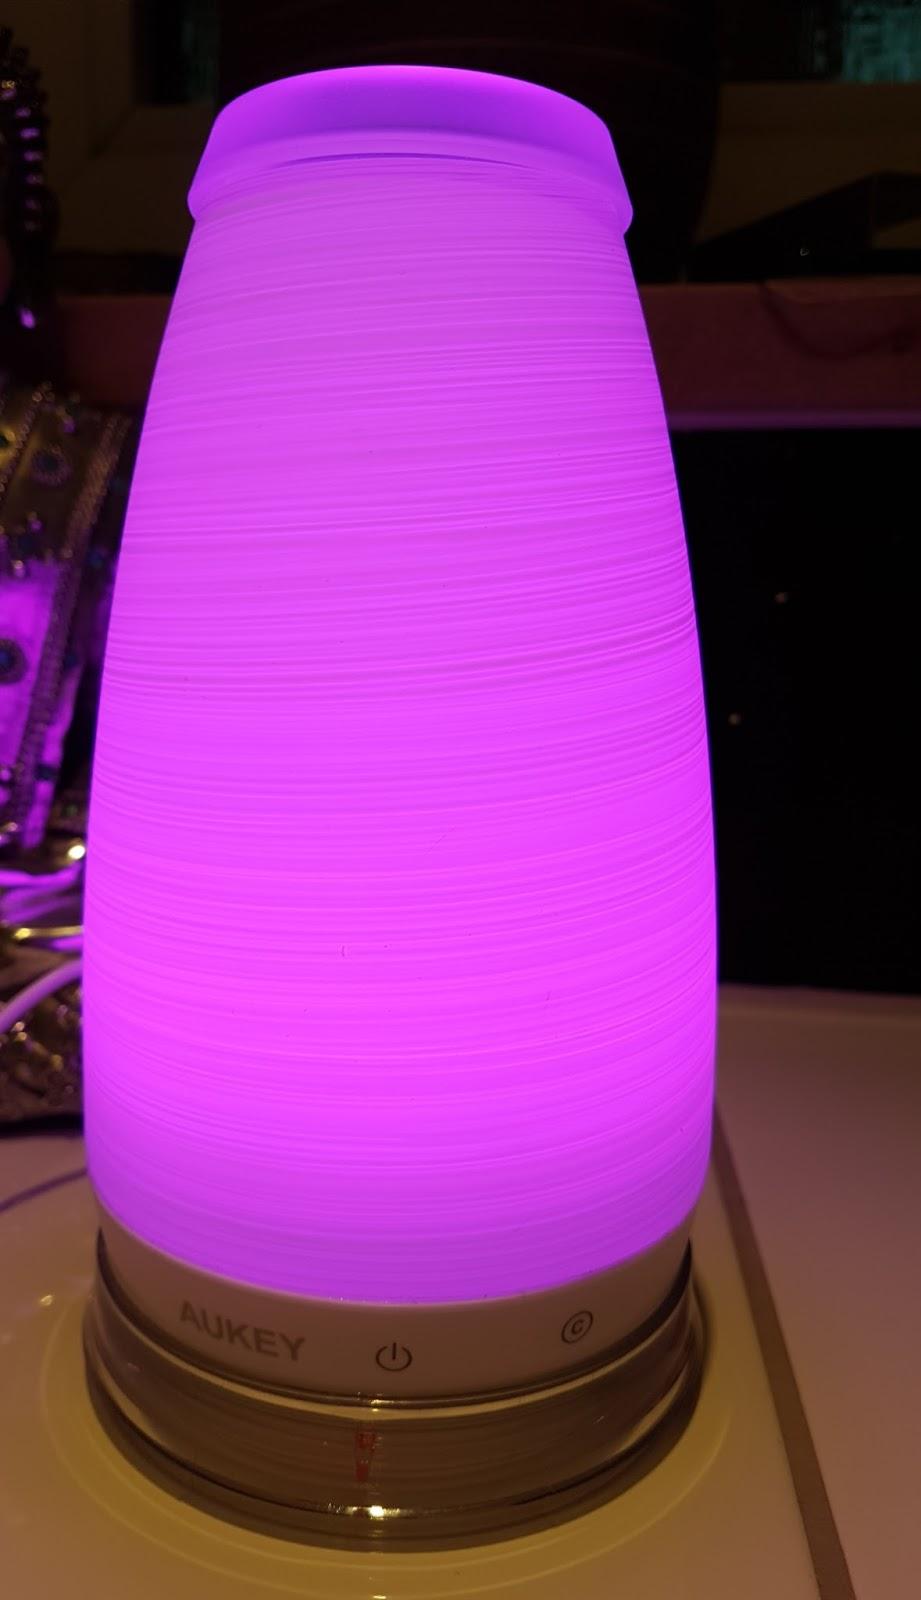 Aukey Lampen mit Farbwechsel im Test - entspannen und eine gute ...